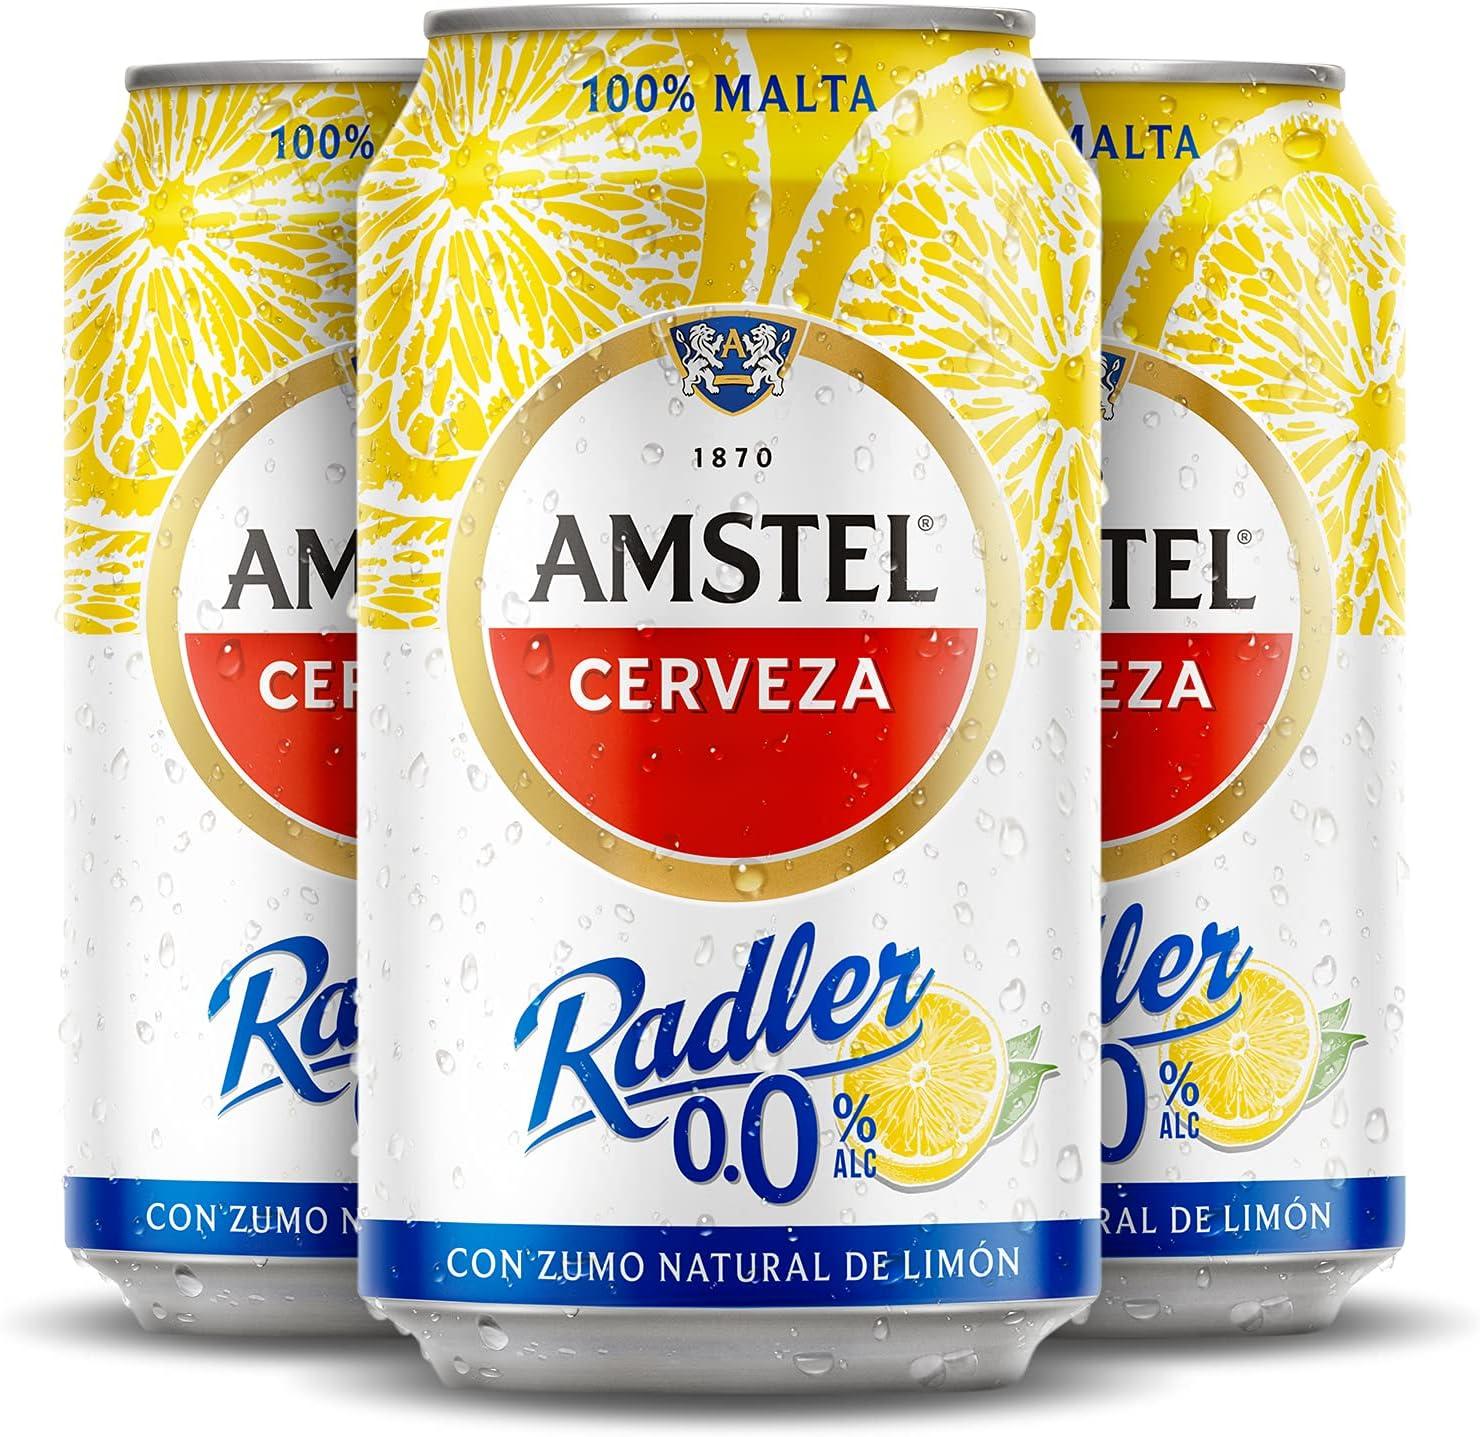 Amstel Radler 0,0 Alc Cerveza, Limon, Pack de 24 x 33cl